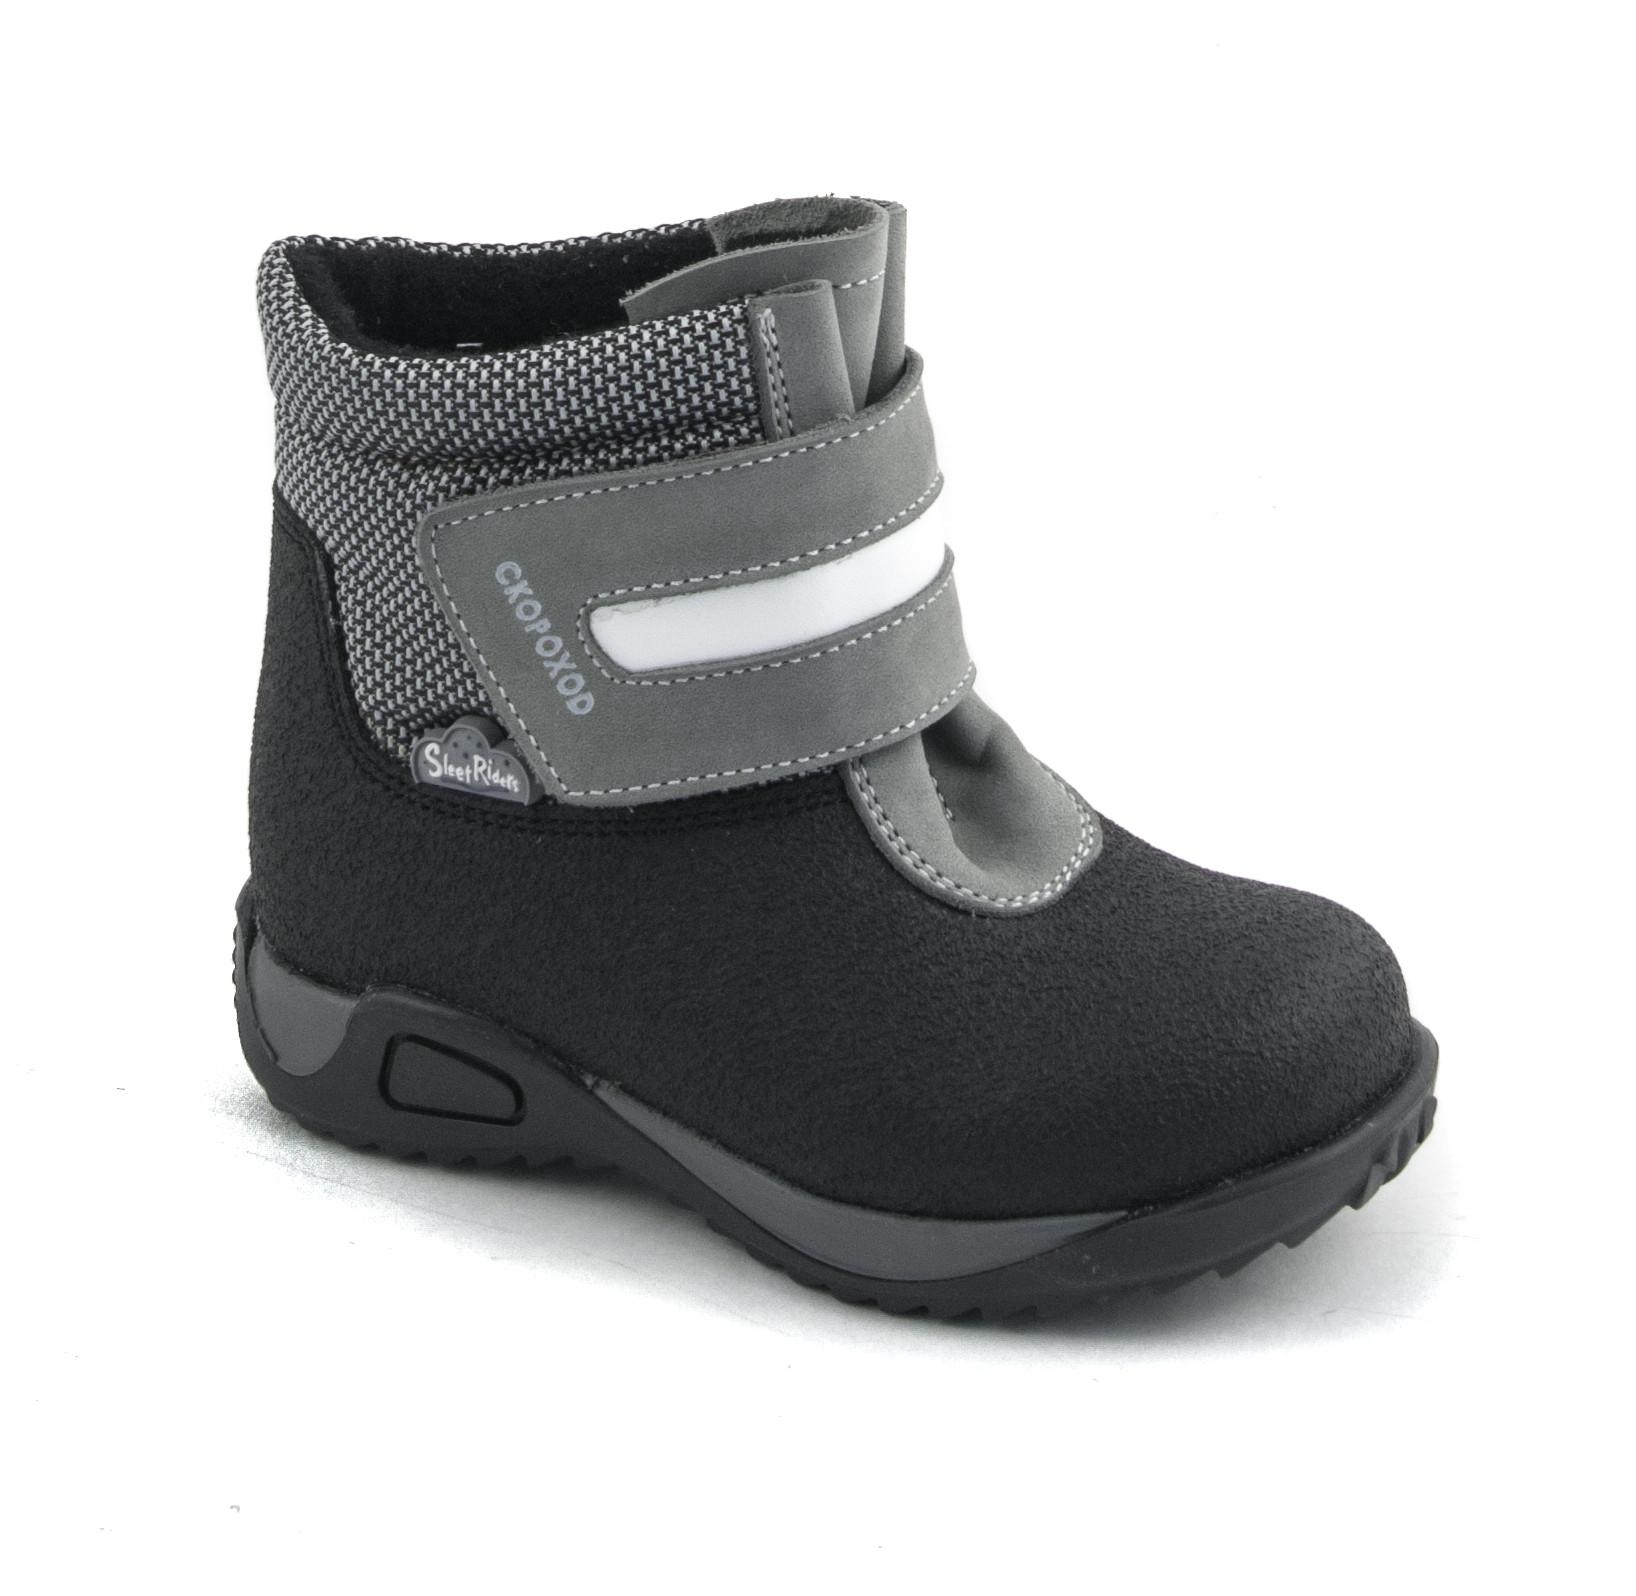 Ботинки и полуботинки Детский Скороход Ботинки ясельно-малодетские для мальчика Детский Скороход, серо-черные ботинки для мальчика reima черные